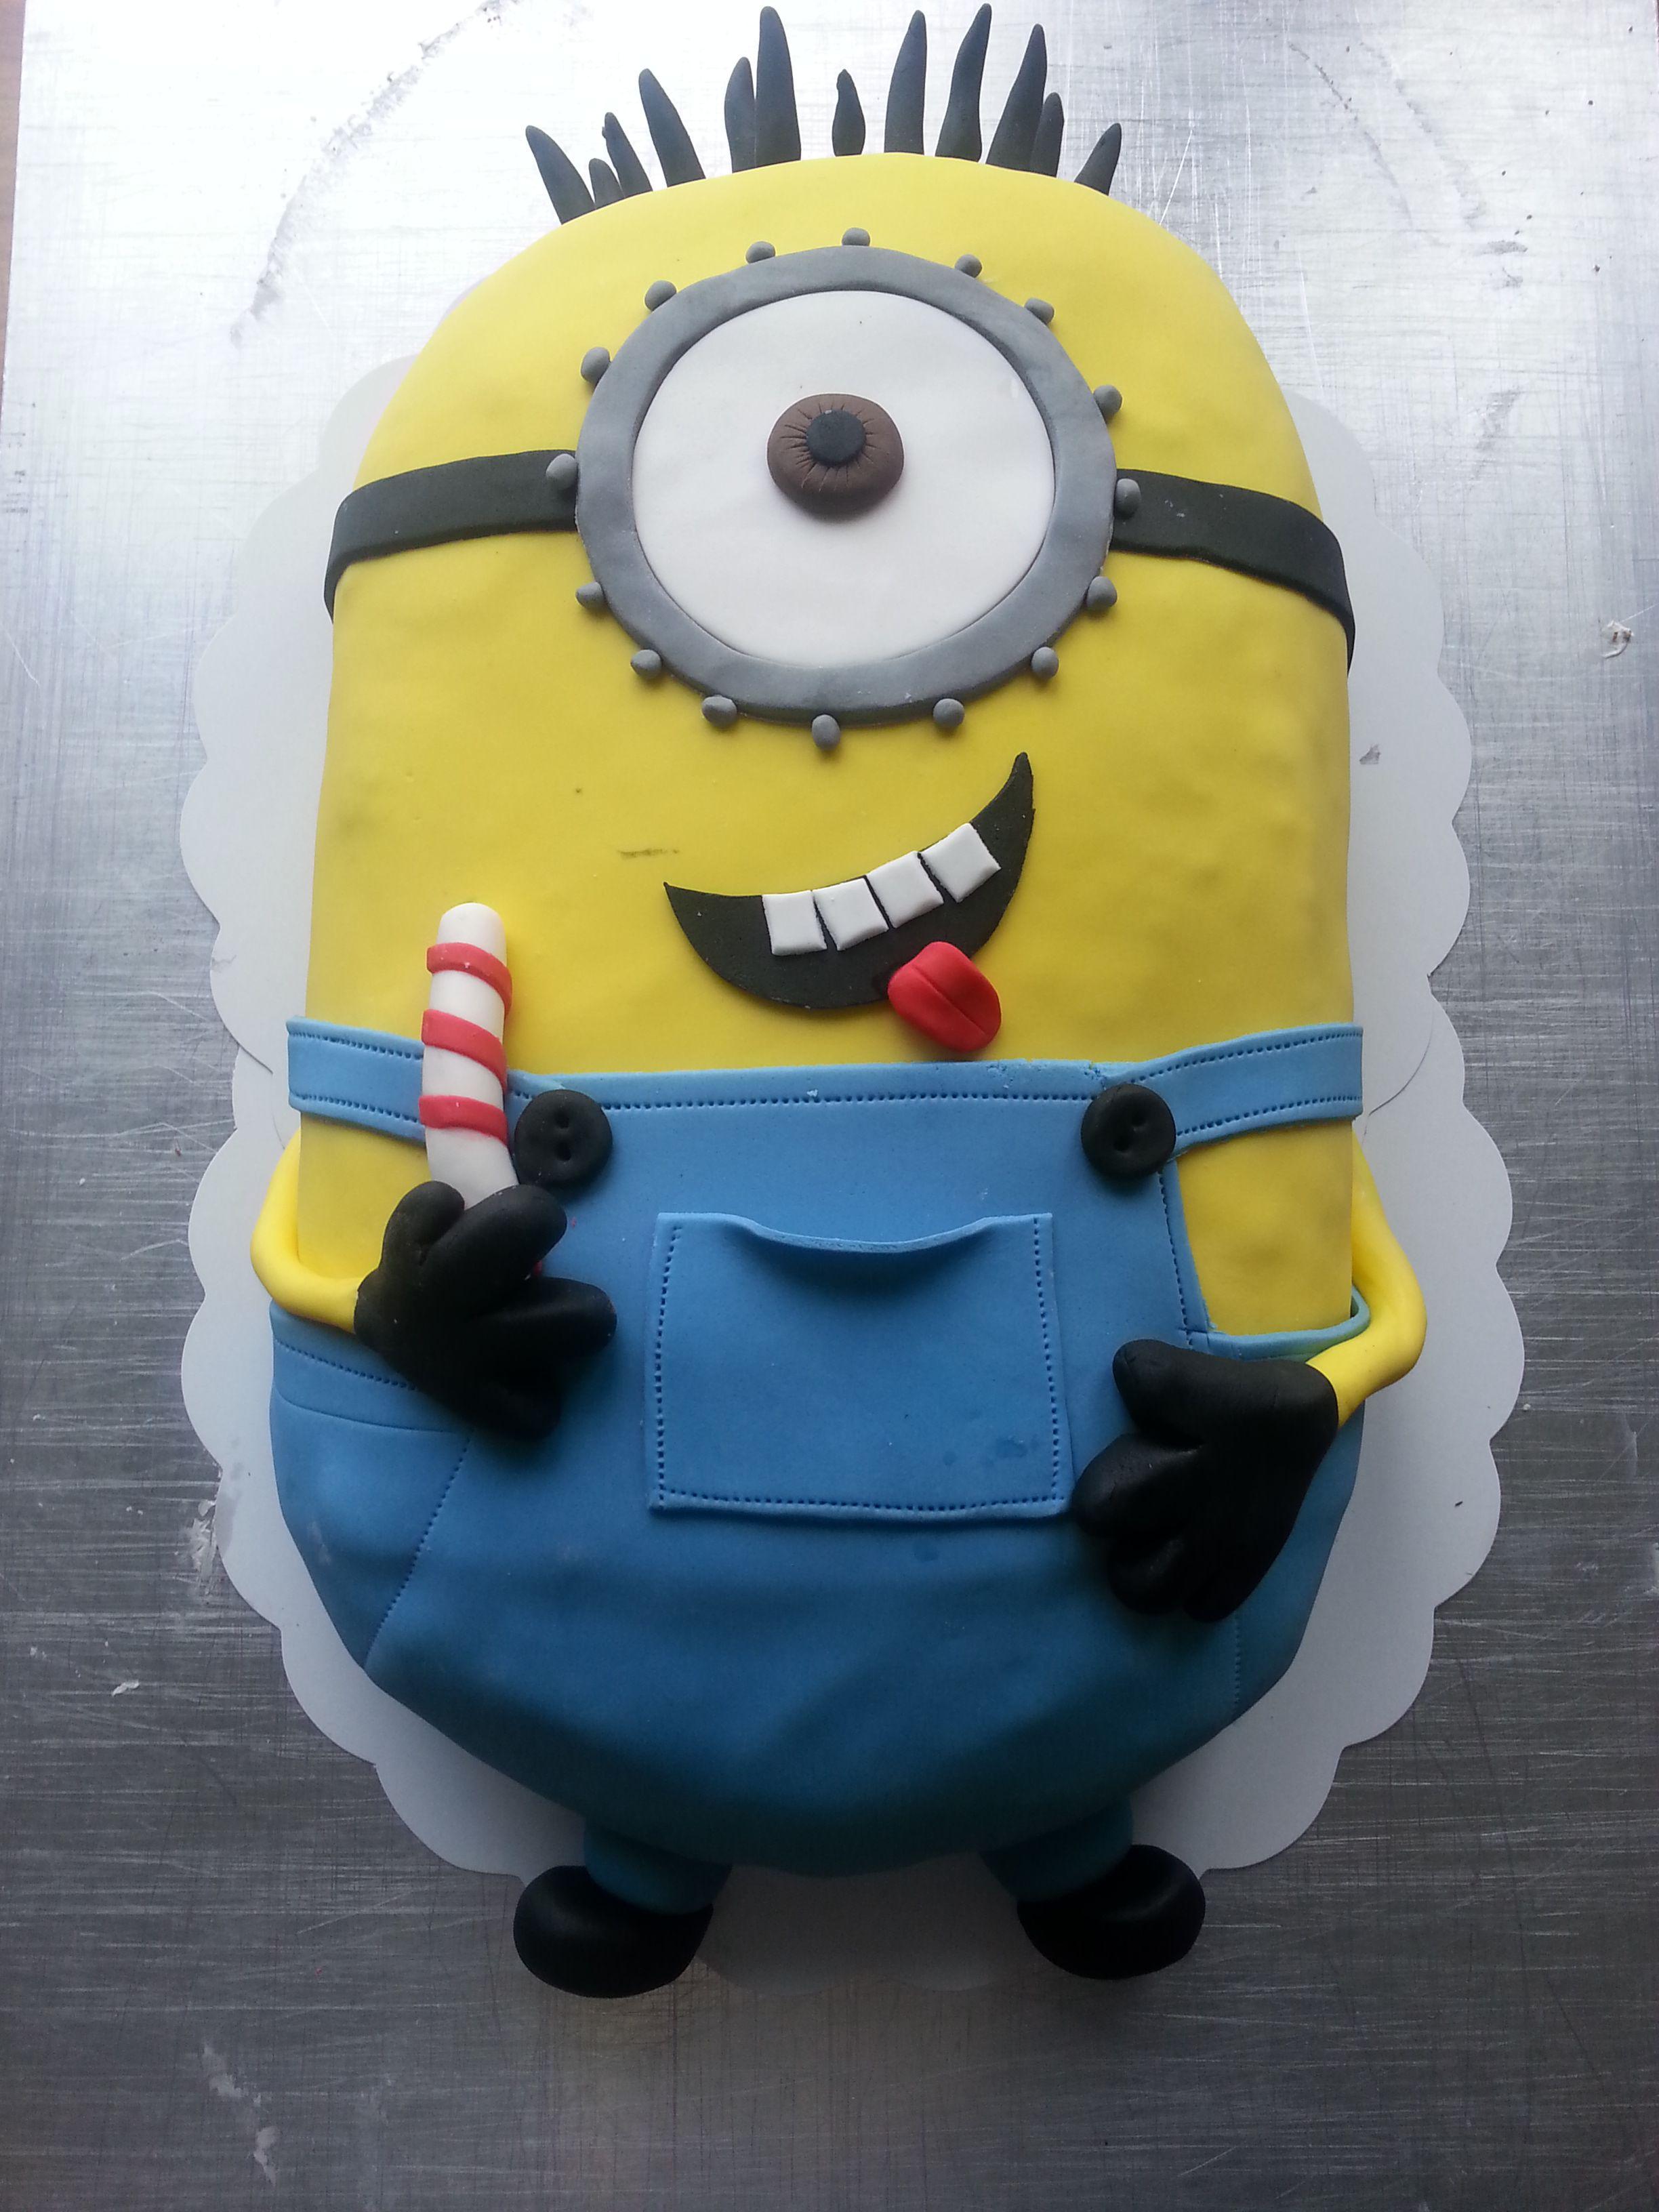 Minionek Tort Minionki Tort Urodzinowy Dla Dziecka Zolty Stworek Tort Angielskim Minionek Cake Baby Cake Cake Minions